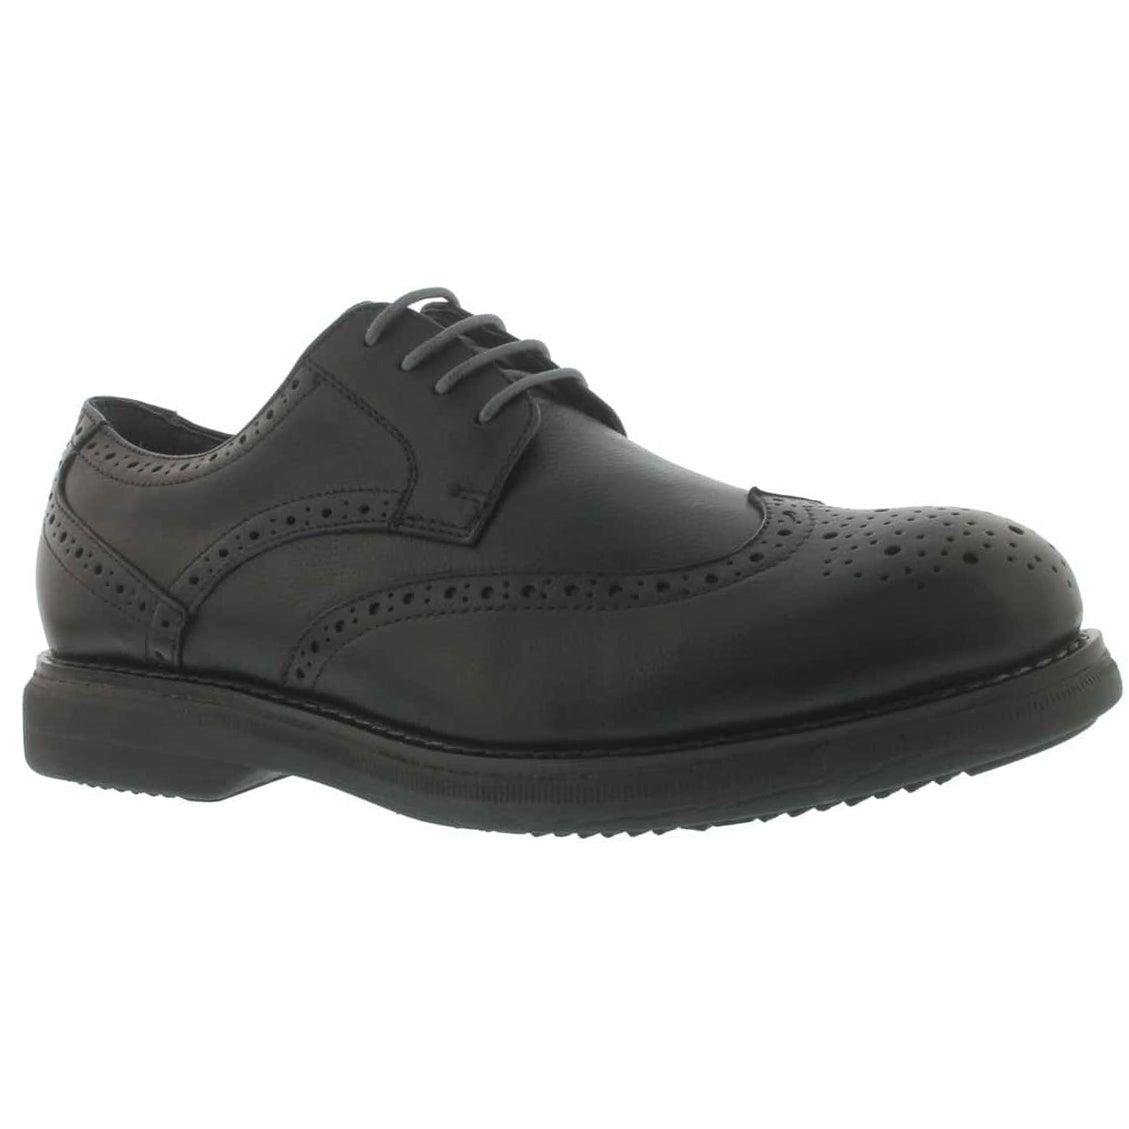 Mns Motion black 4-eye dress shoe